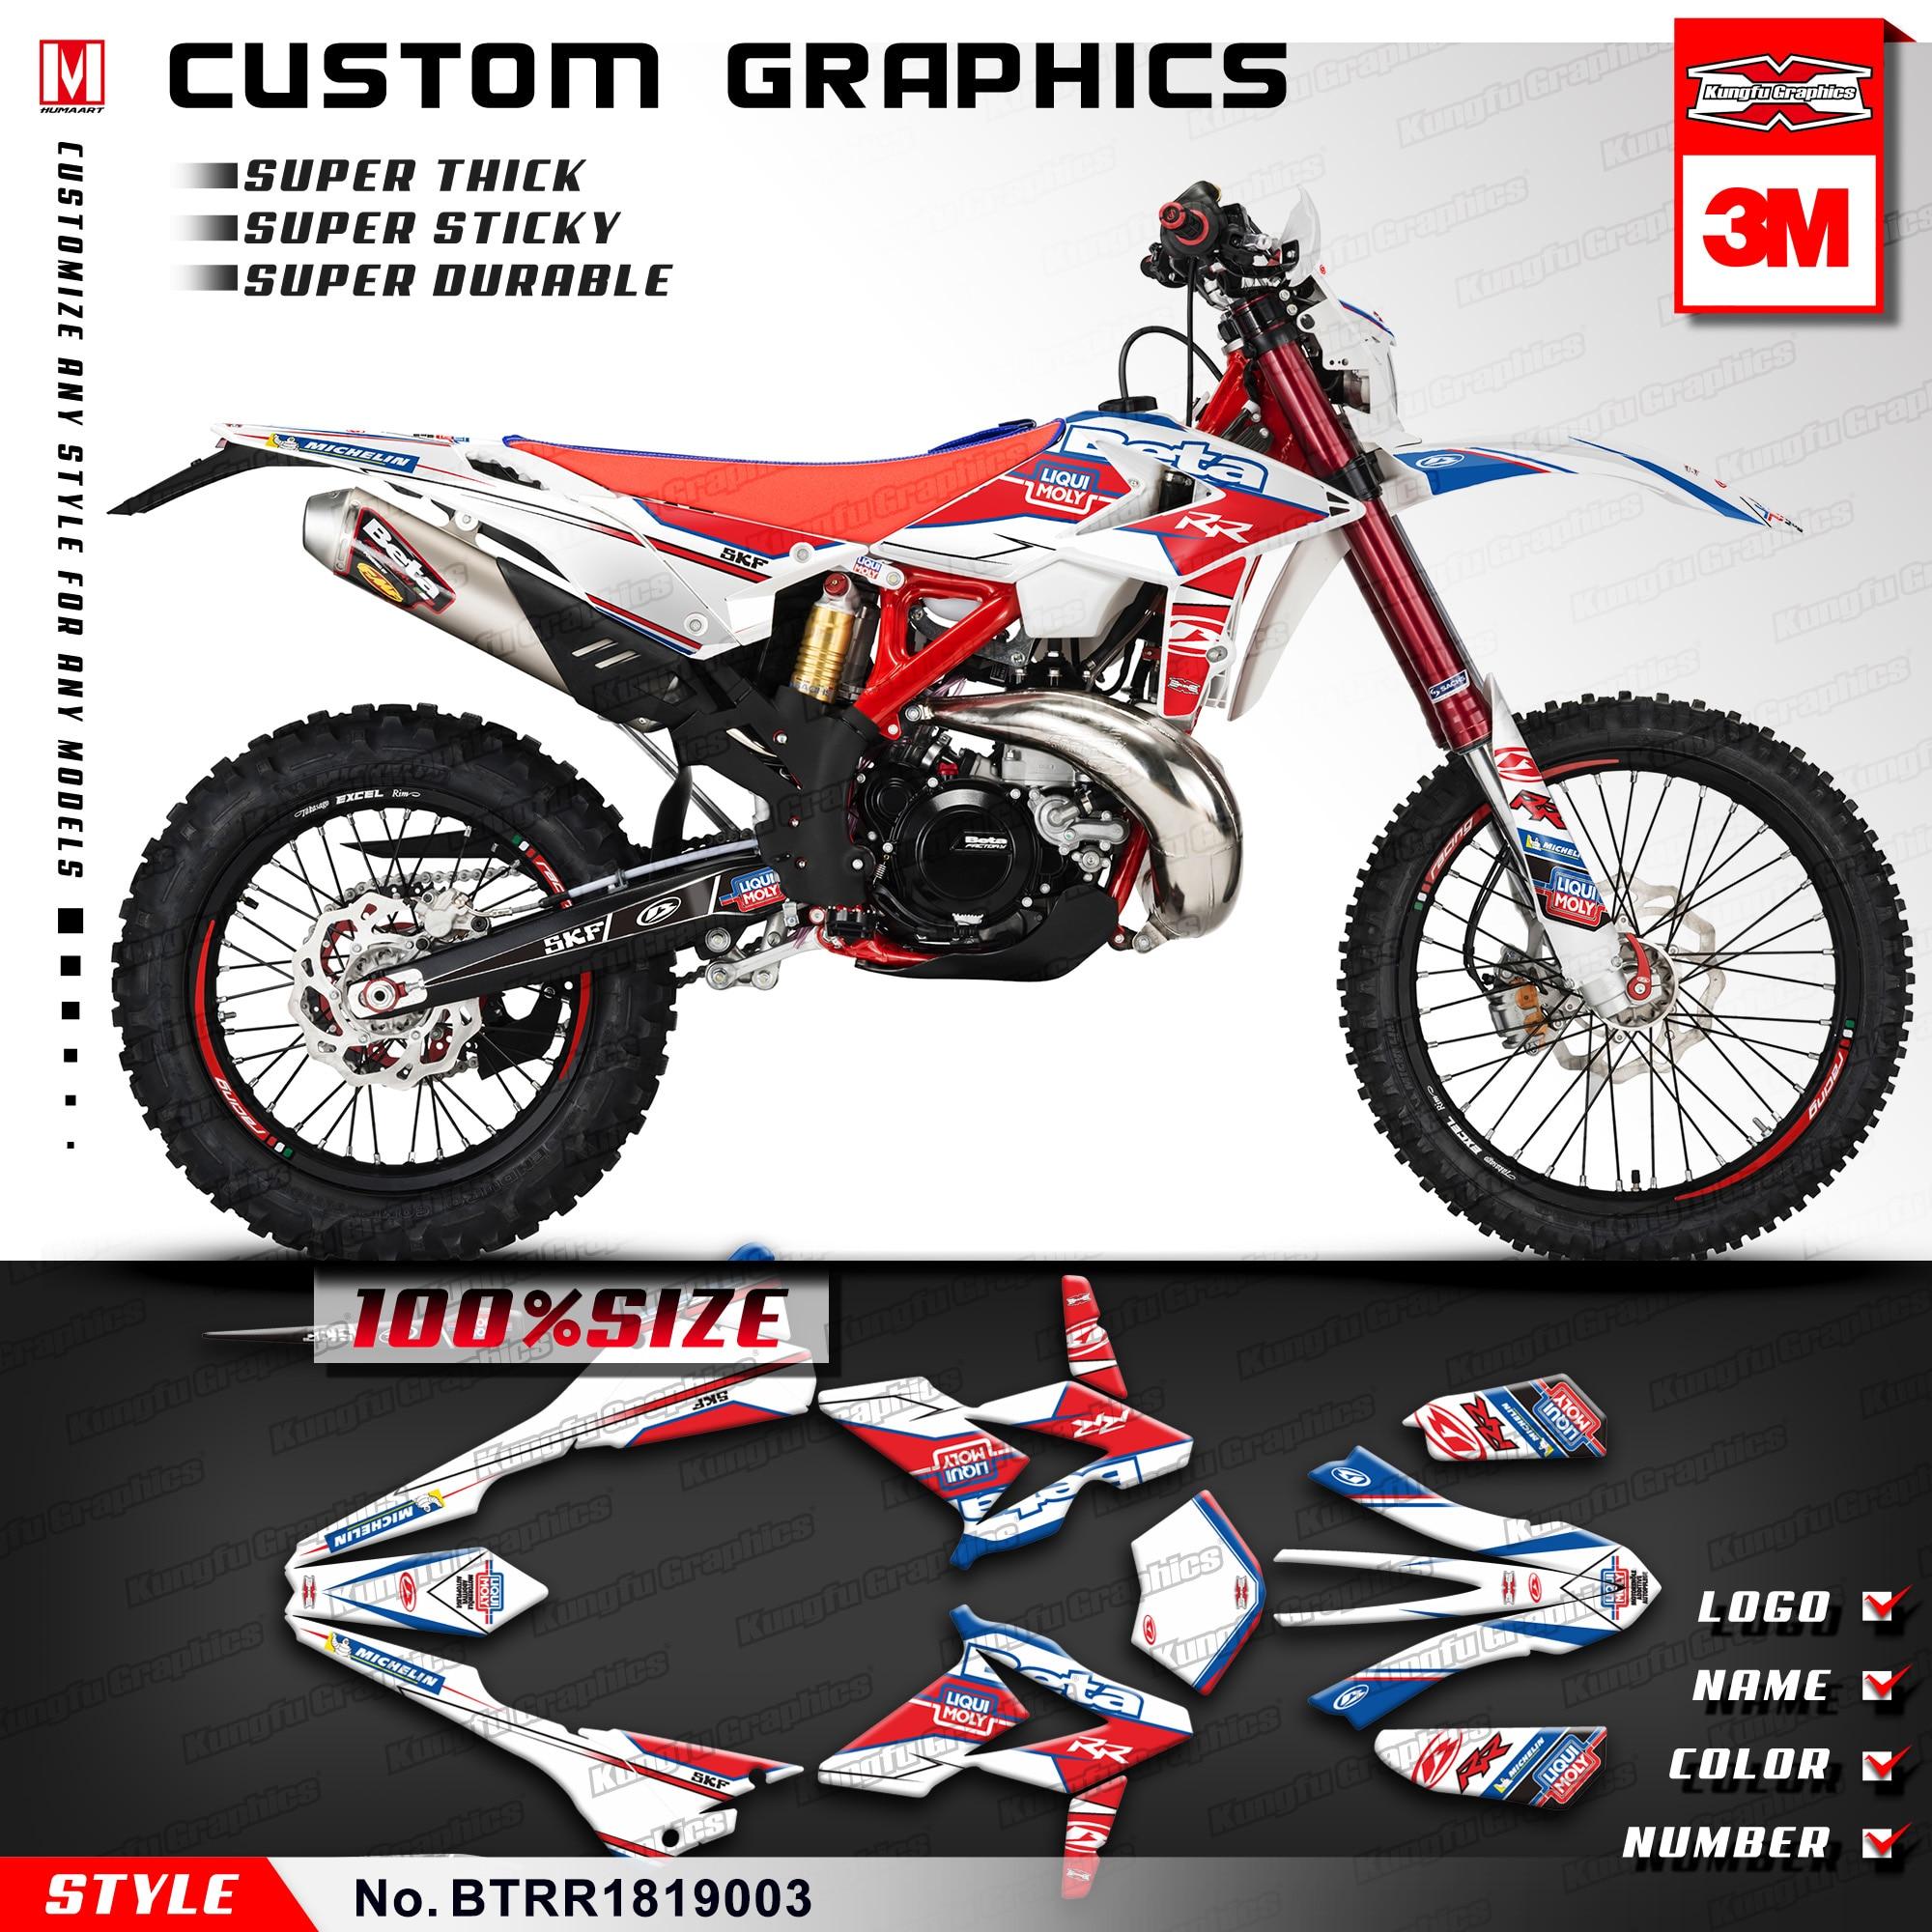 Sticker Wheel Rim Stickers Supermoto Beta RR Motard 4T 50 125 400 450 525